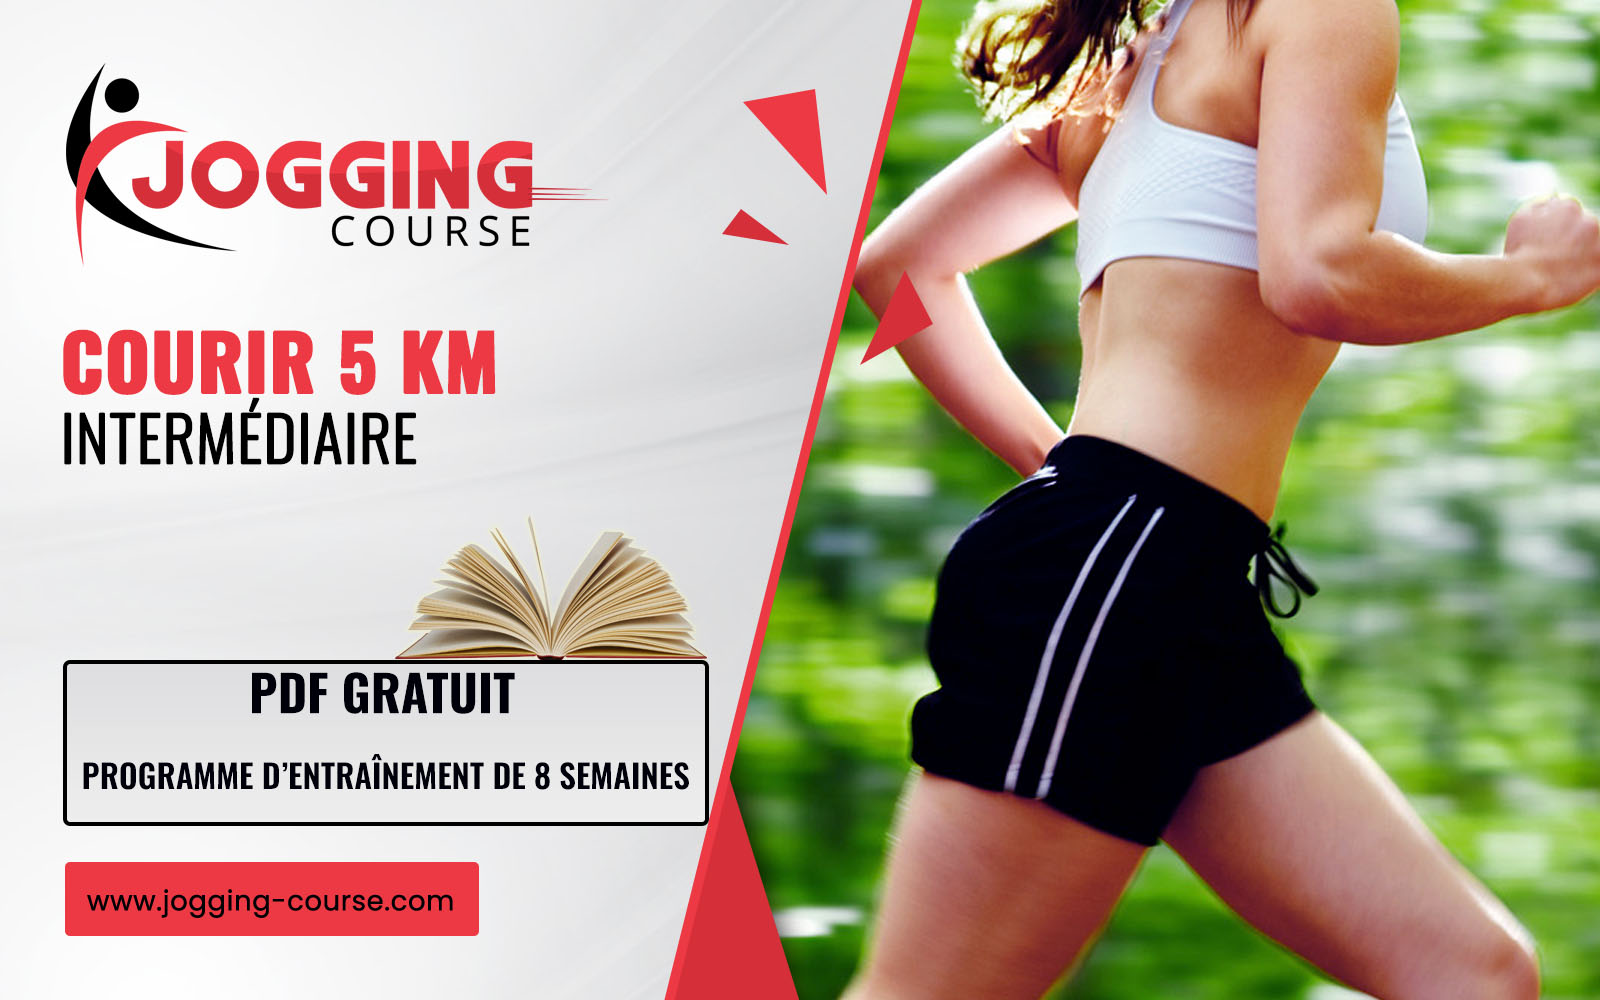 PROGRAMME DE COURSE À PIED 5 KM INTERMÉDIAIRE JOGGING-COURSE